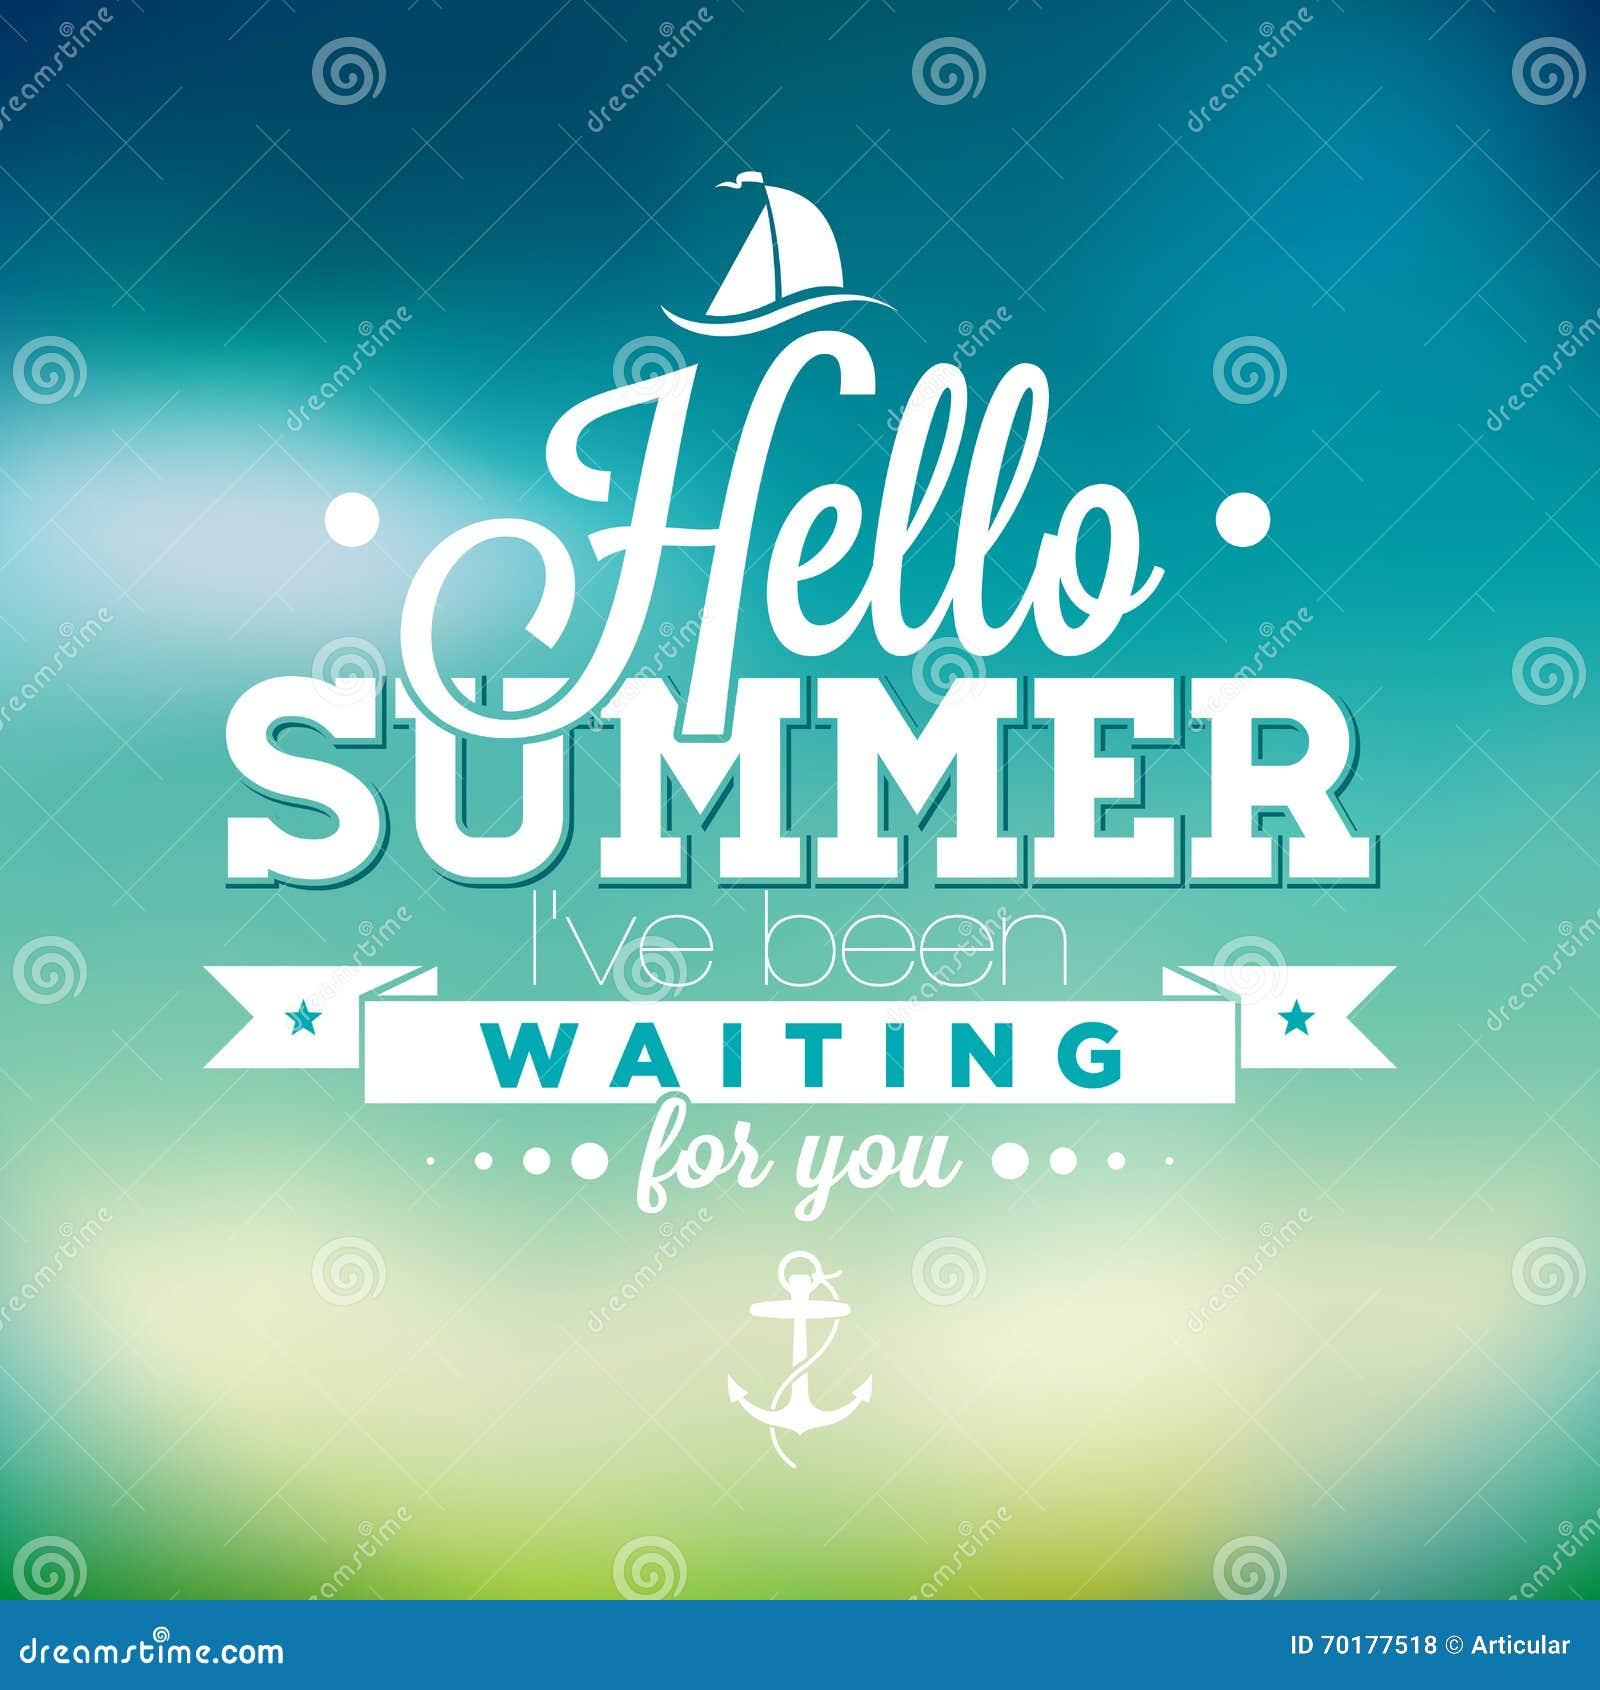 Γειά σου καλοκαίρι, έχω περιμένει σας το απόσπασμα έμπνευσης στο υπόβαθρο θαμπάδων Διανυσματικό στοιχείο σχεδίου τυπογραφίας